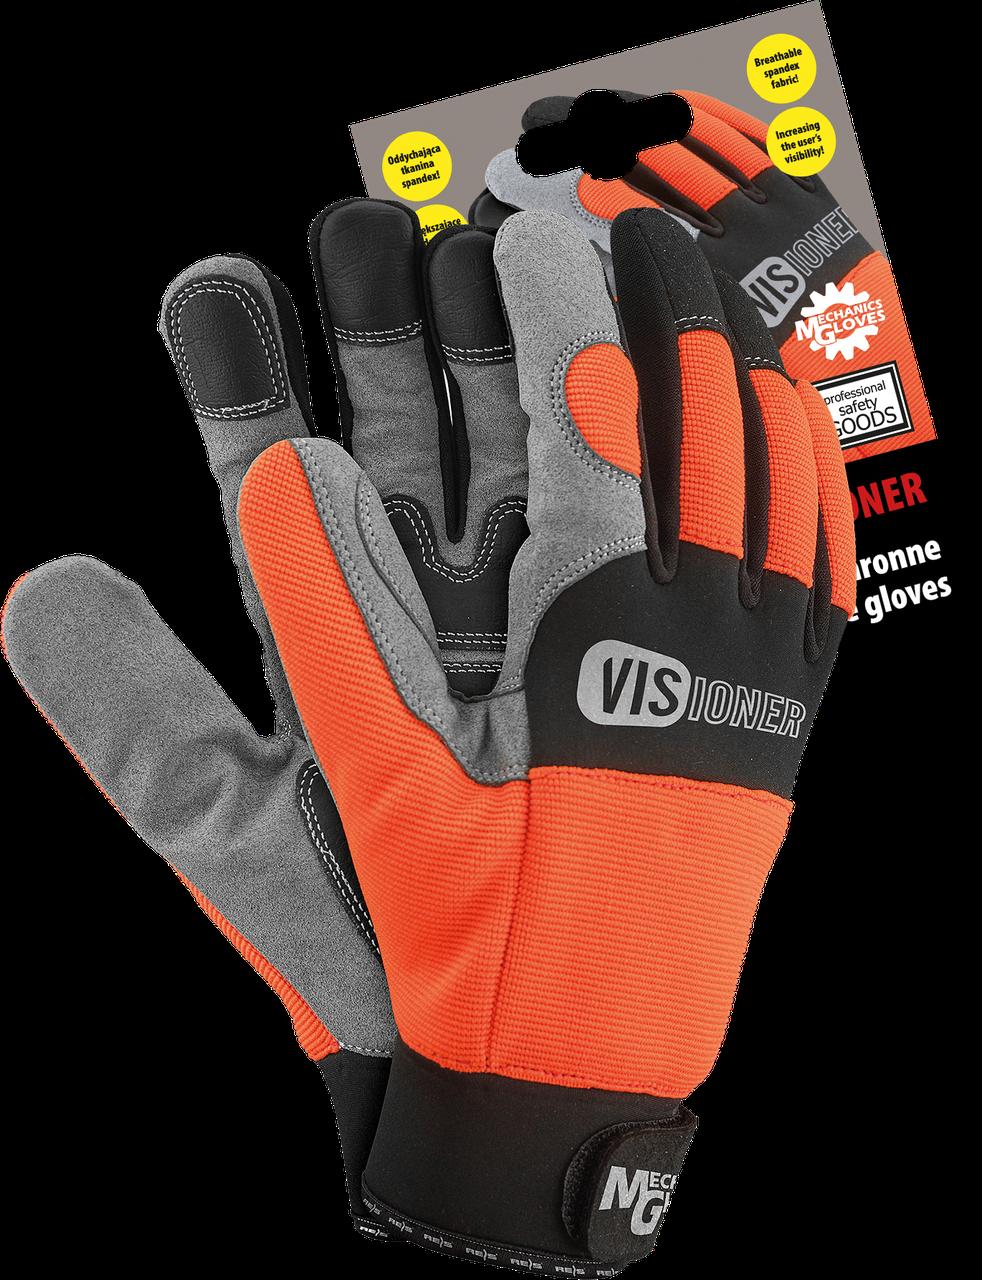 Велоперчатки RMC-VISIONER PBS Reis Польша(спортивные перчатки)